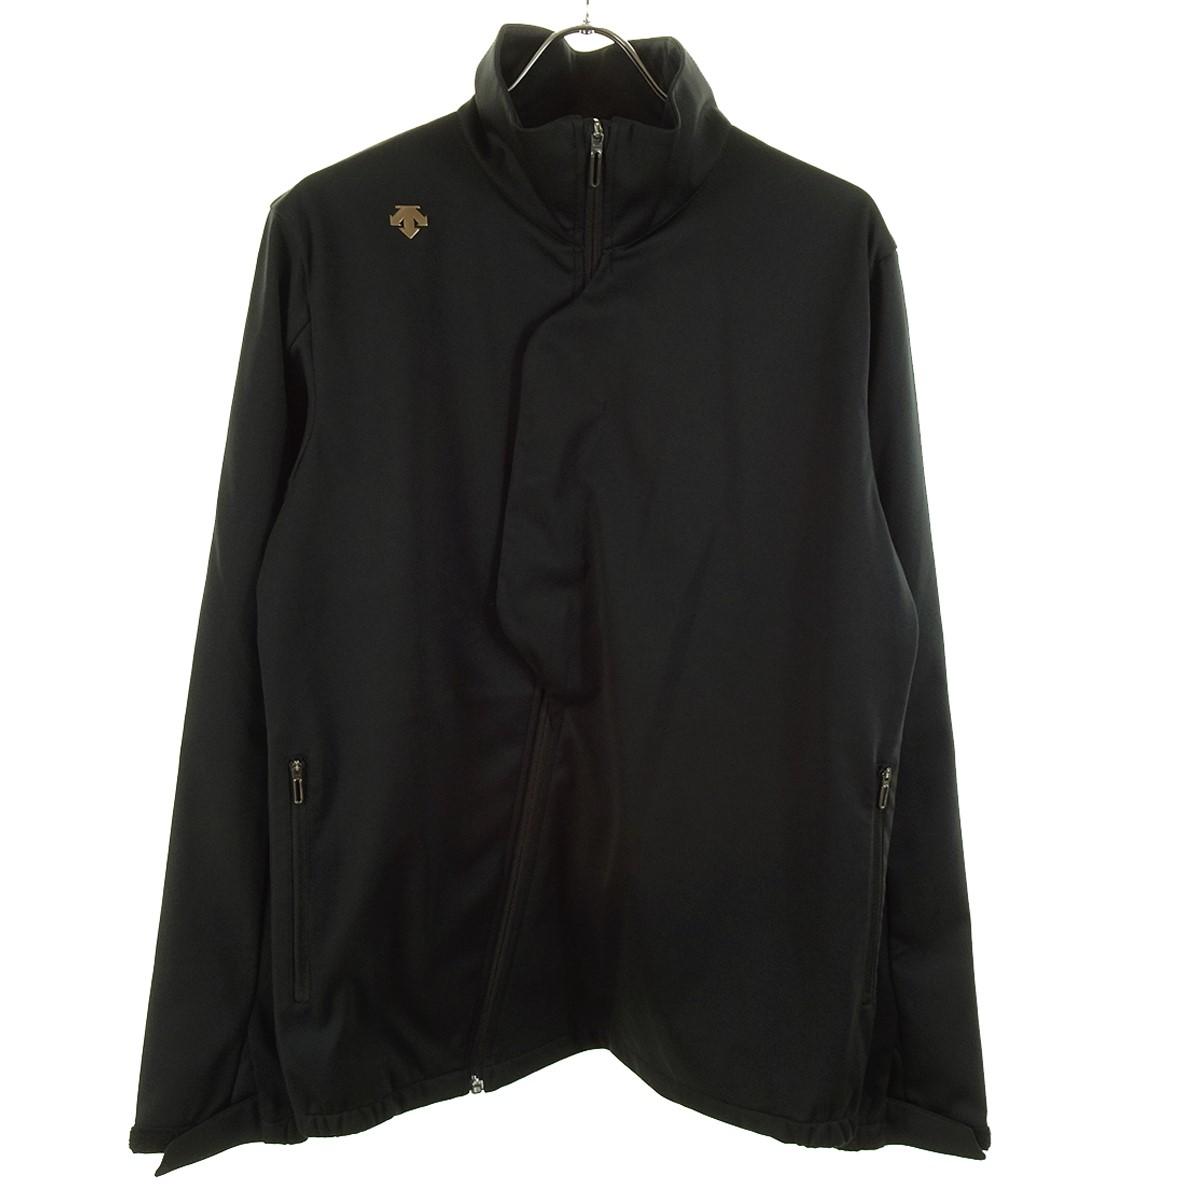 【中古】DESCENTE GOLF ジップジャケット ブラック サイズ:0 【280420】(デサントゴルフ)